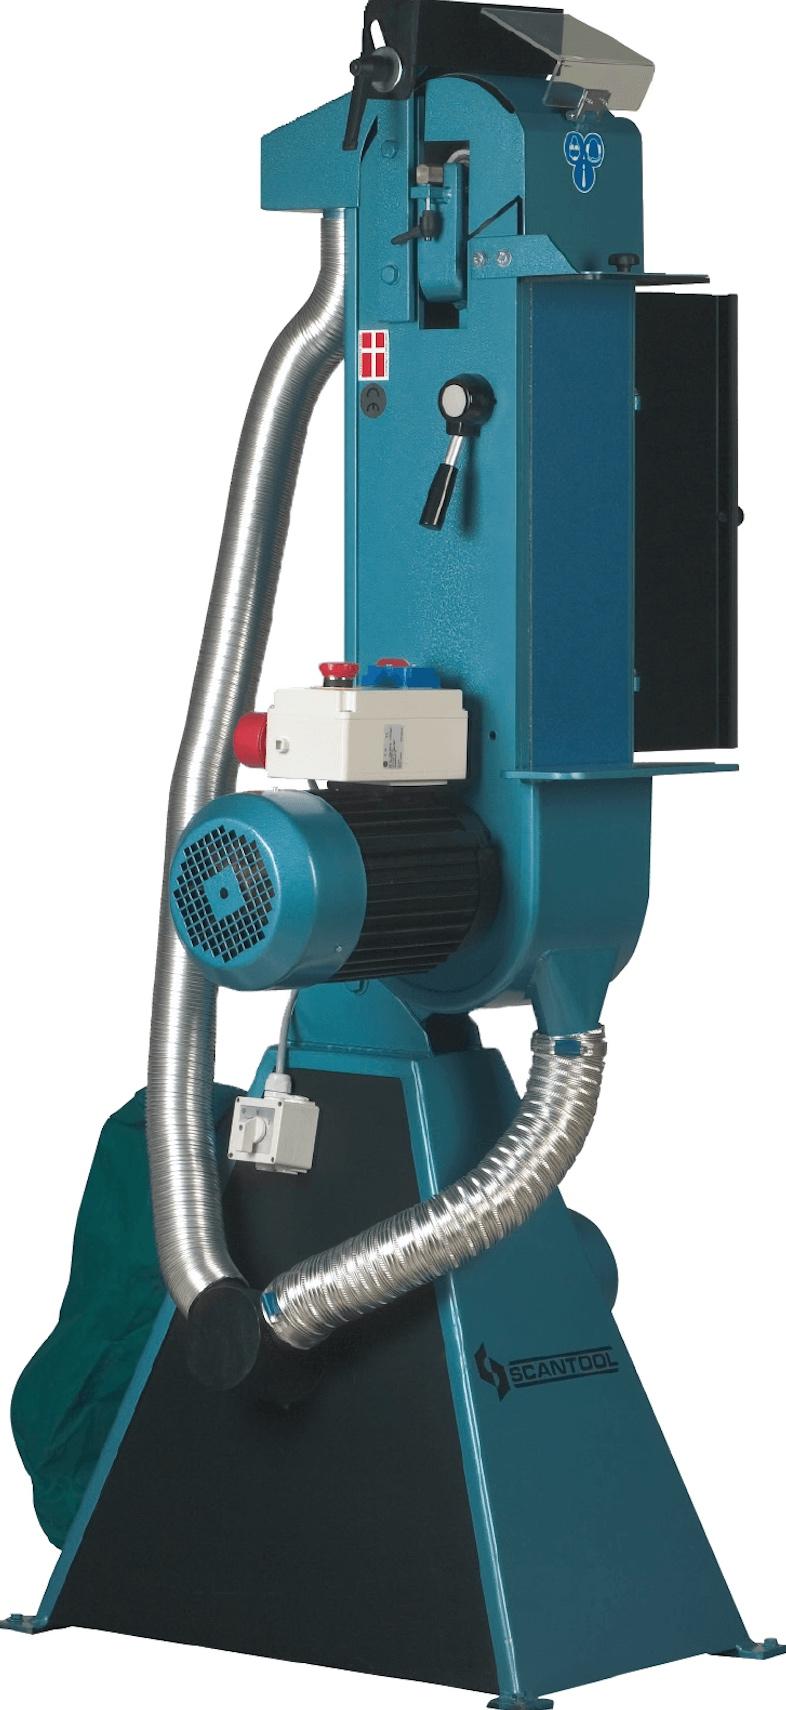 Szlifierka taśmowa Scantool 75VX do pracy w pionie z wbudowanym odciągiem pyłów - 3,6 kW